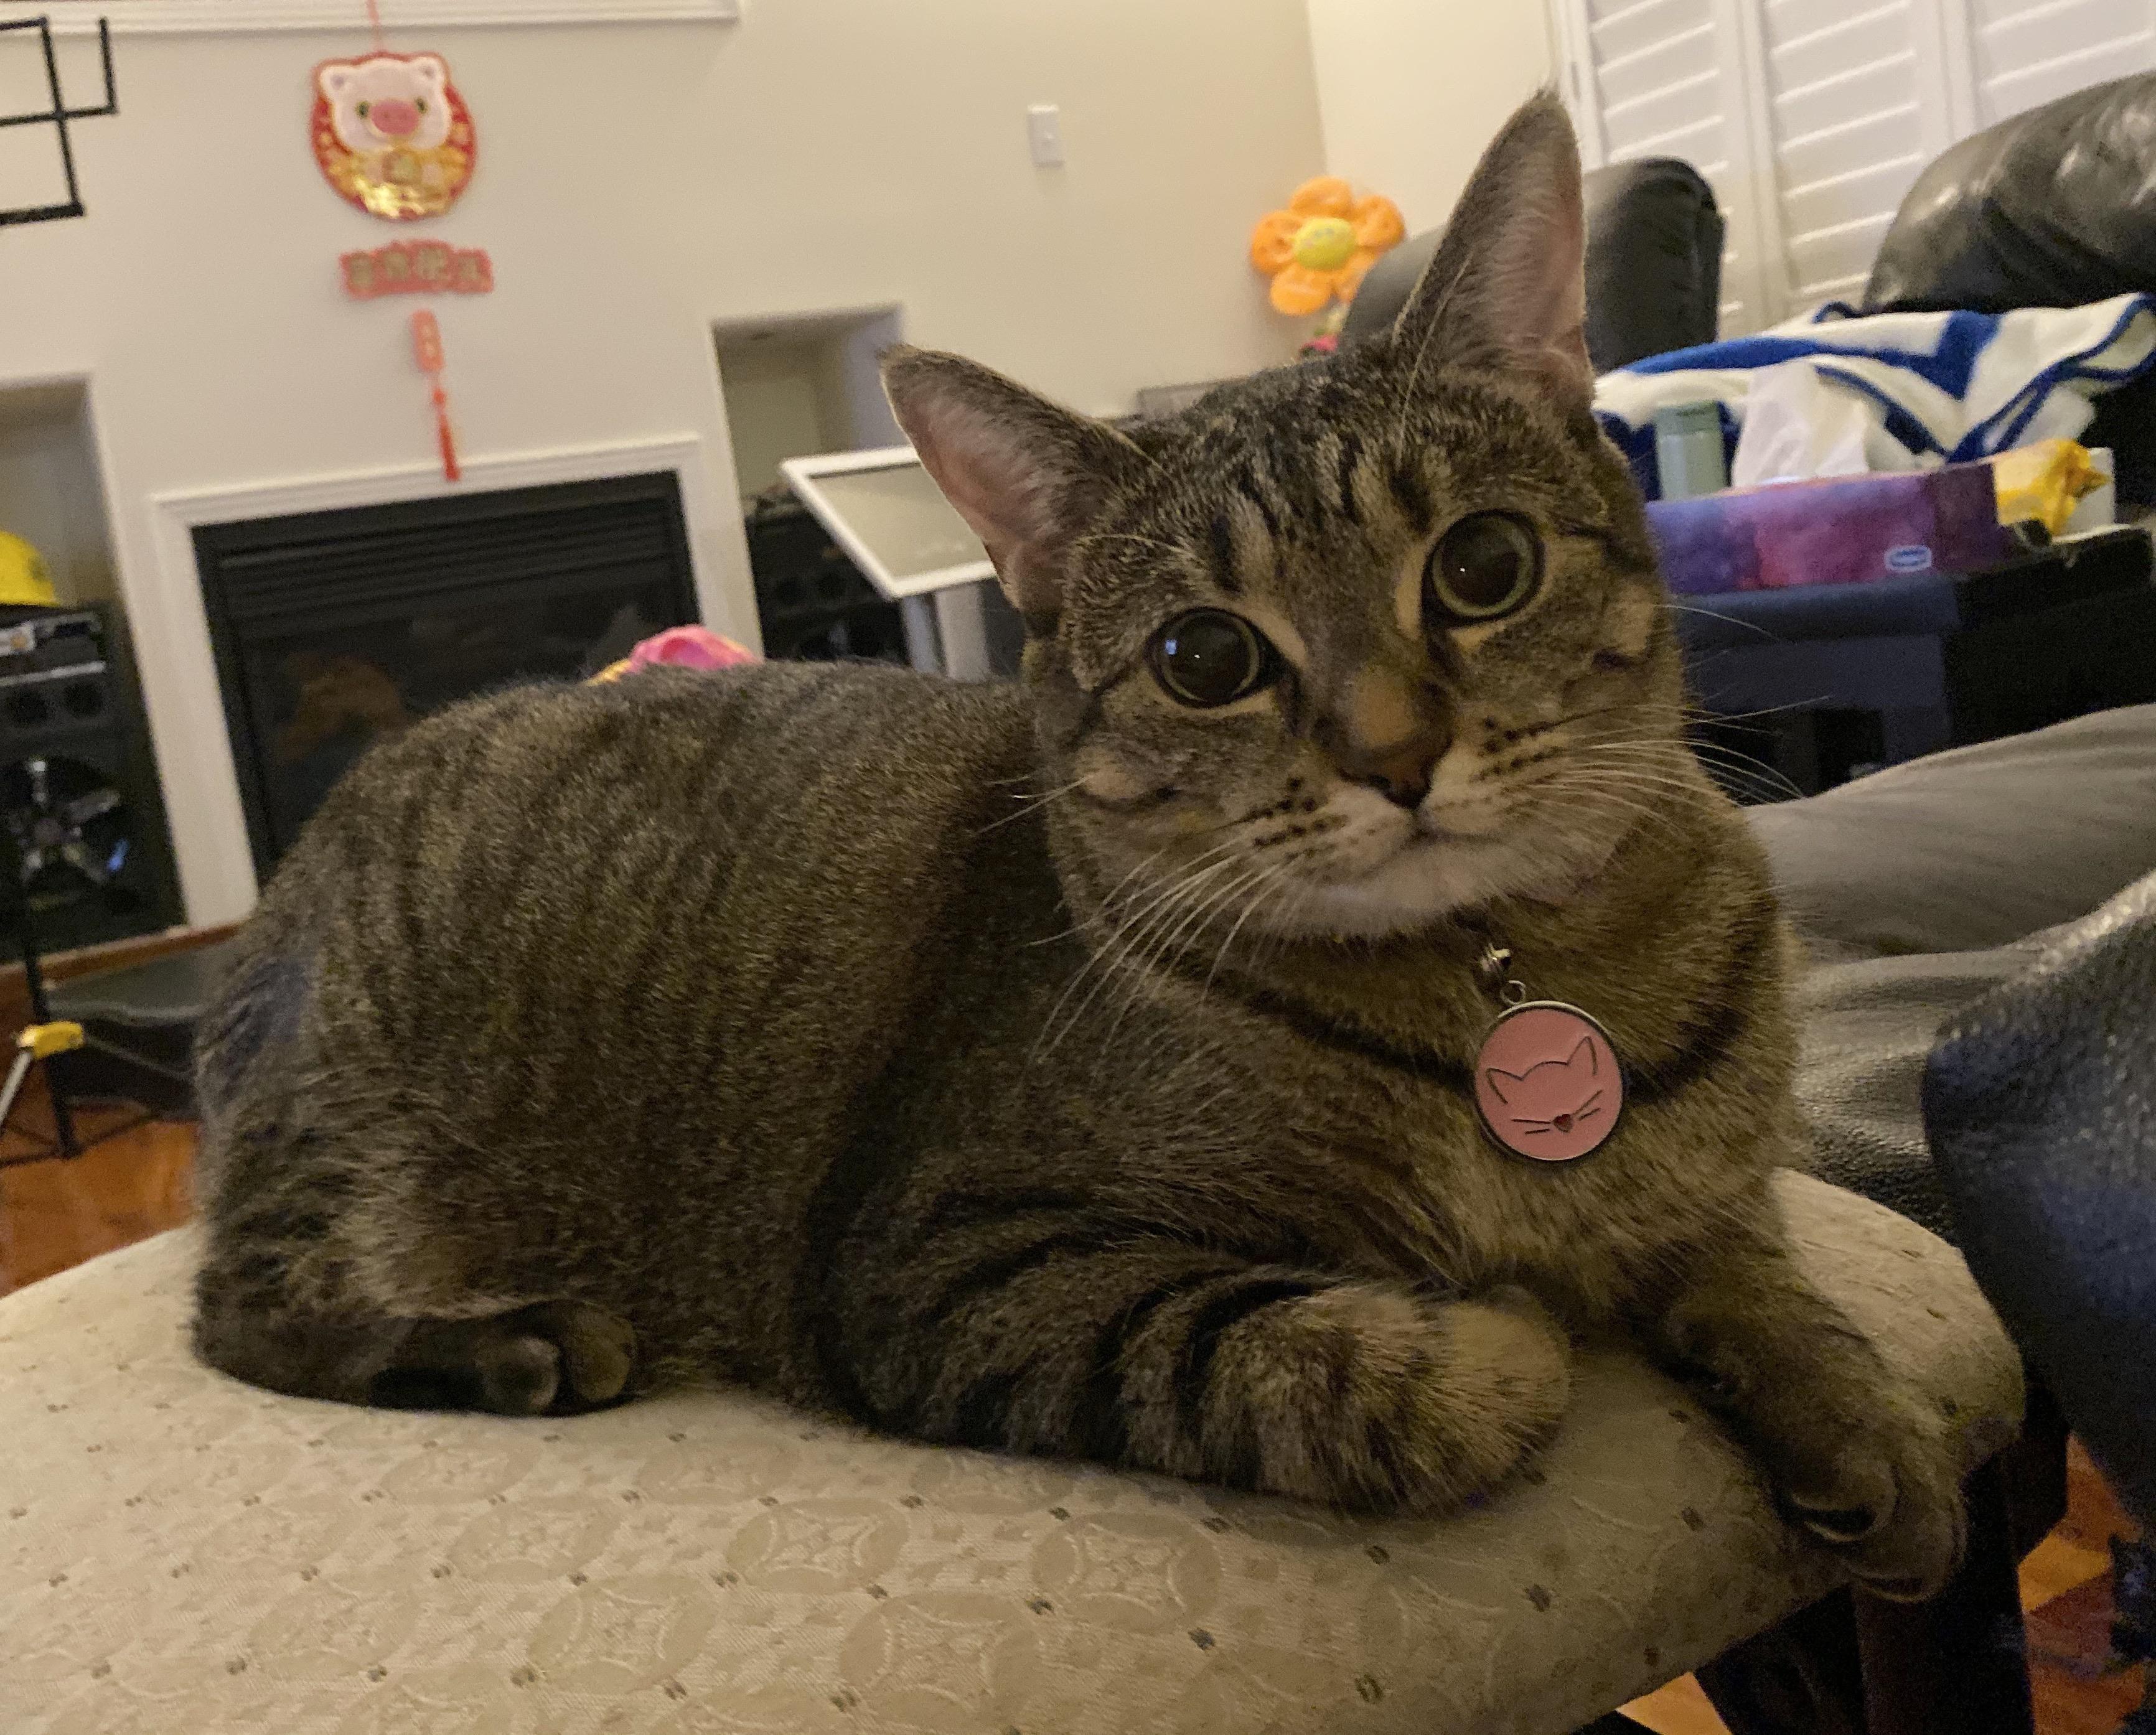 Arias a comfy cutie kitty https//ift.tt/2LVHvfl Cat